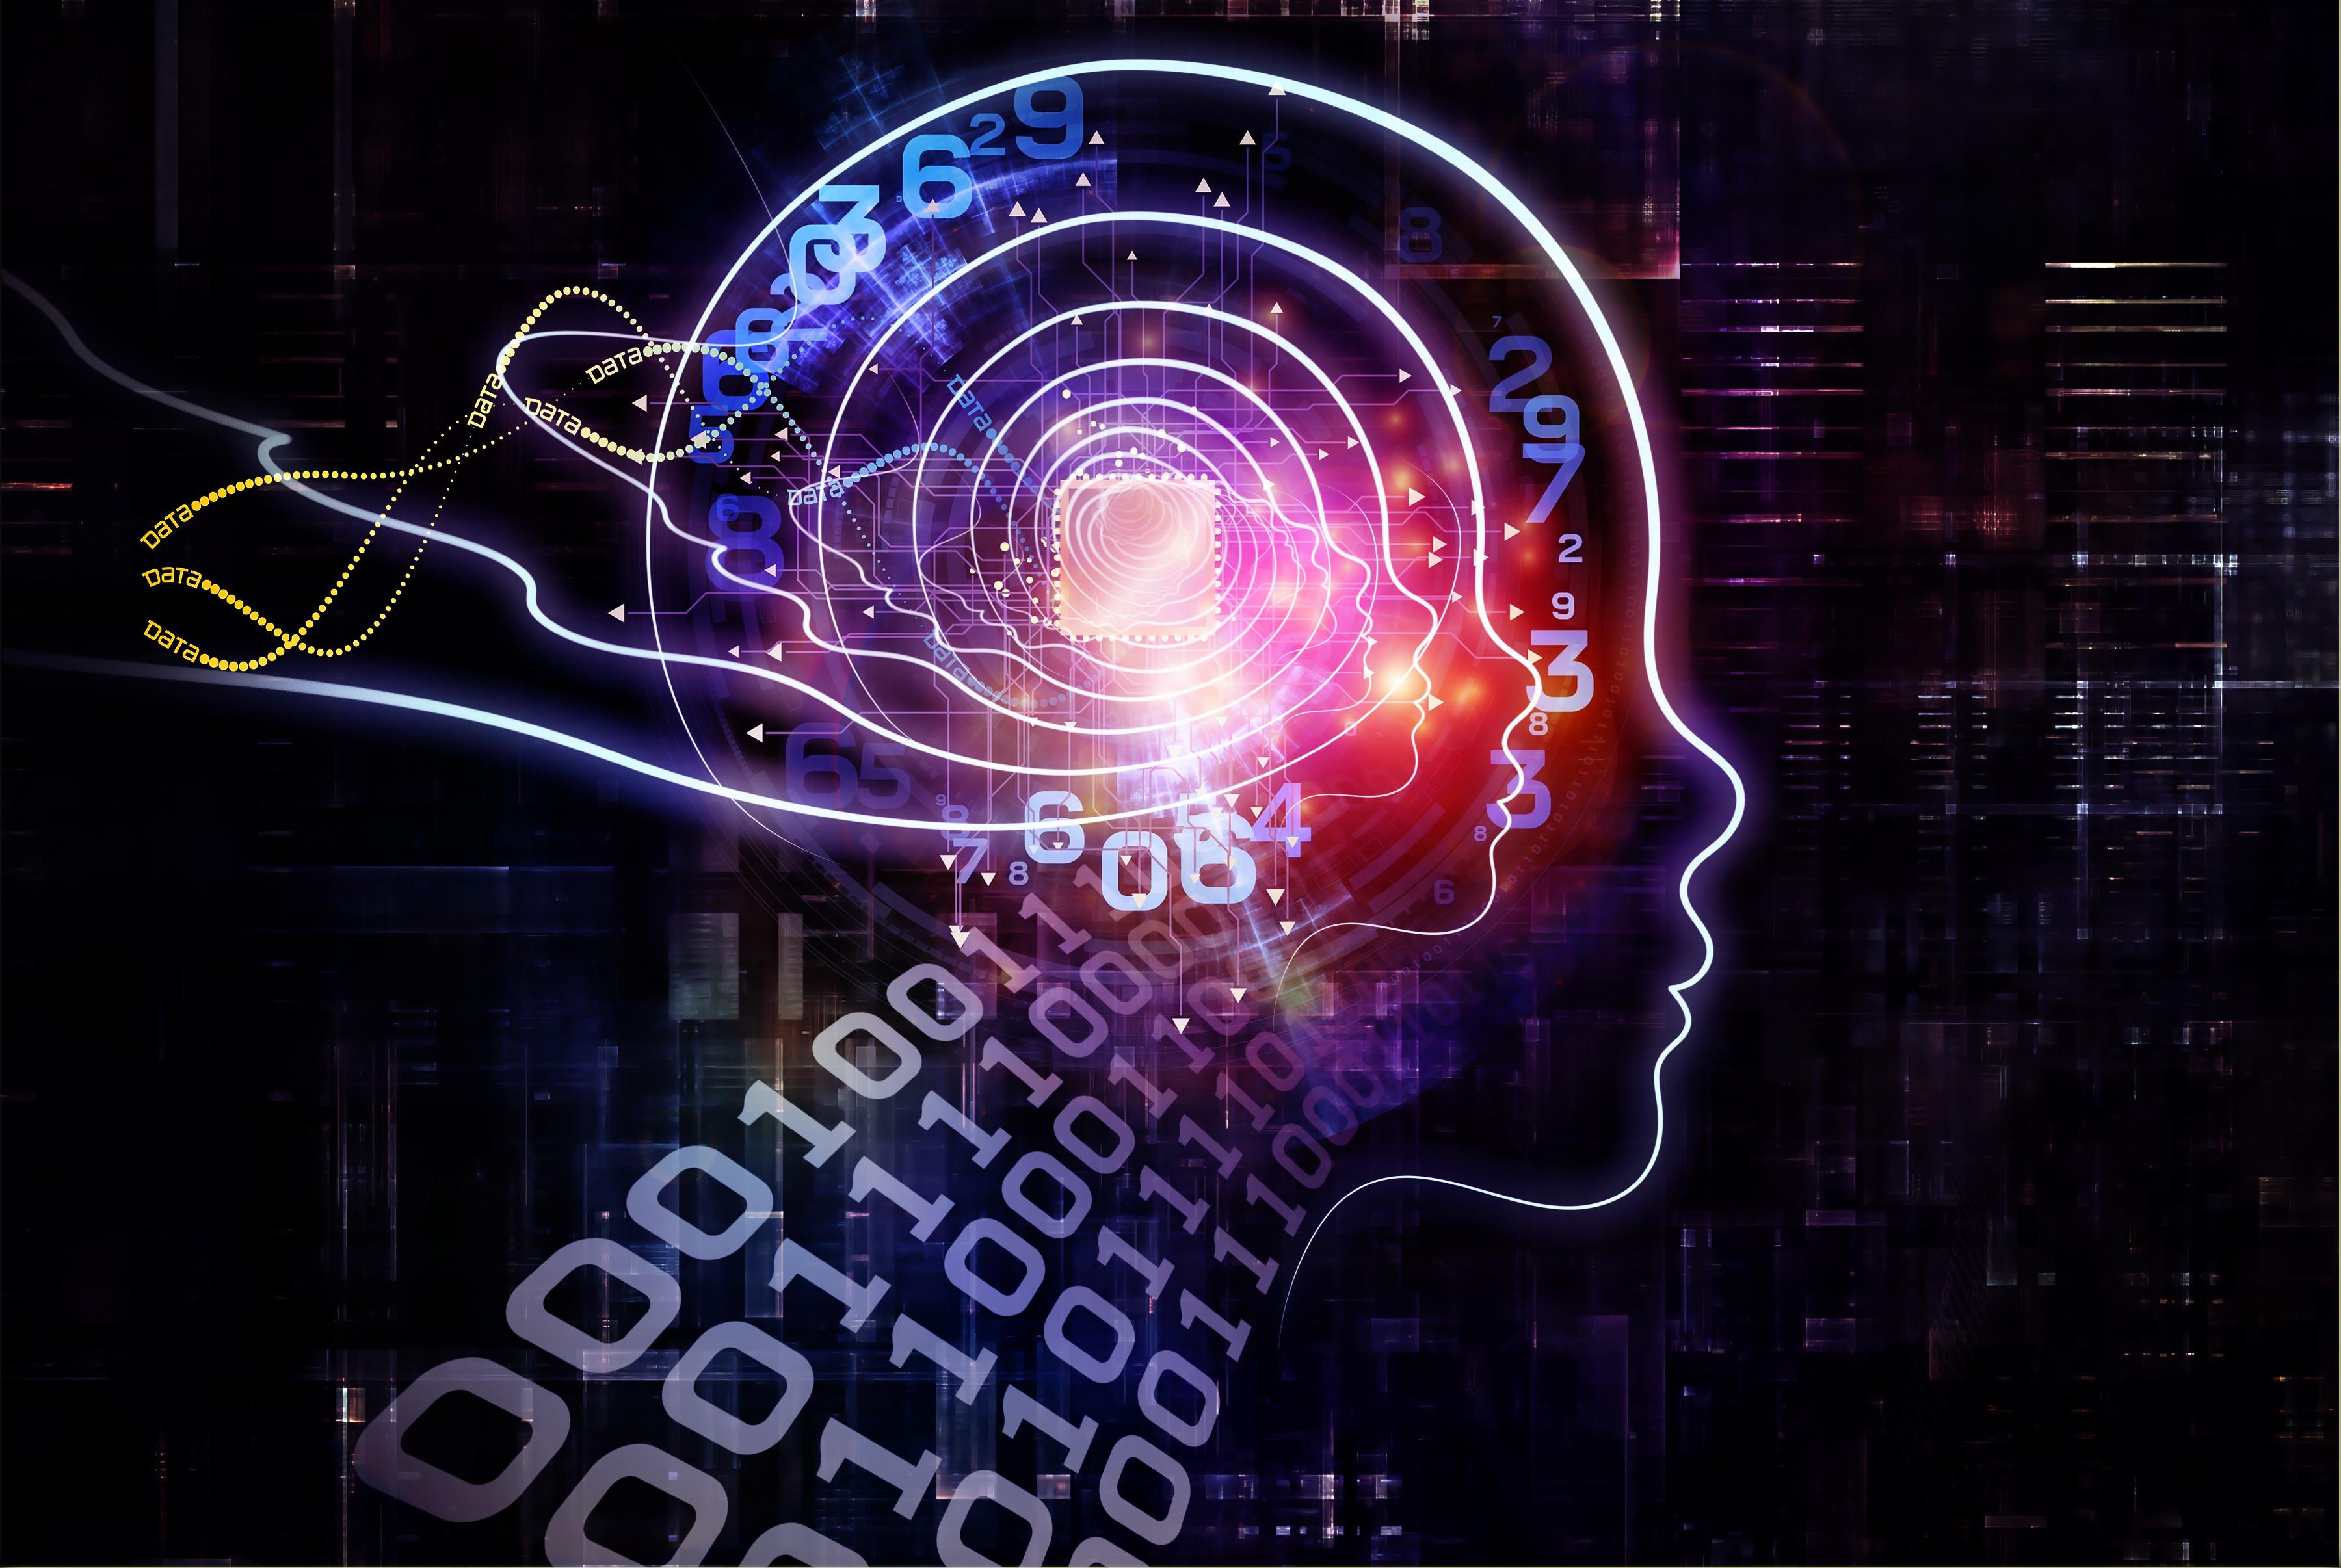 هوش مصنوعی، باشد یا نباشد؟